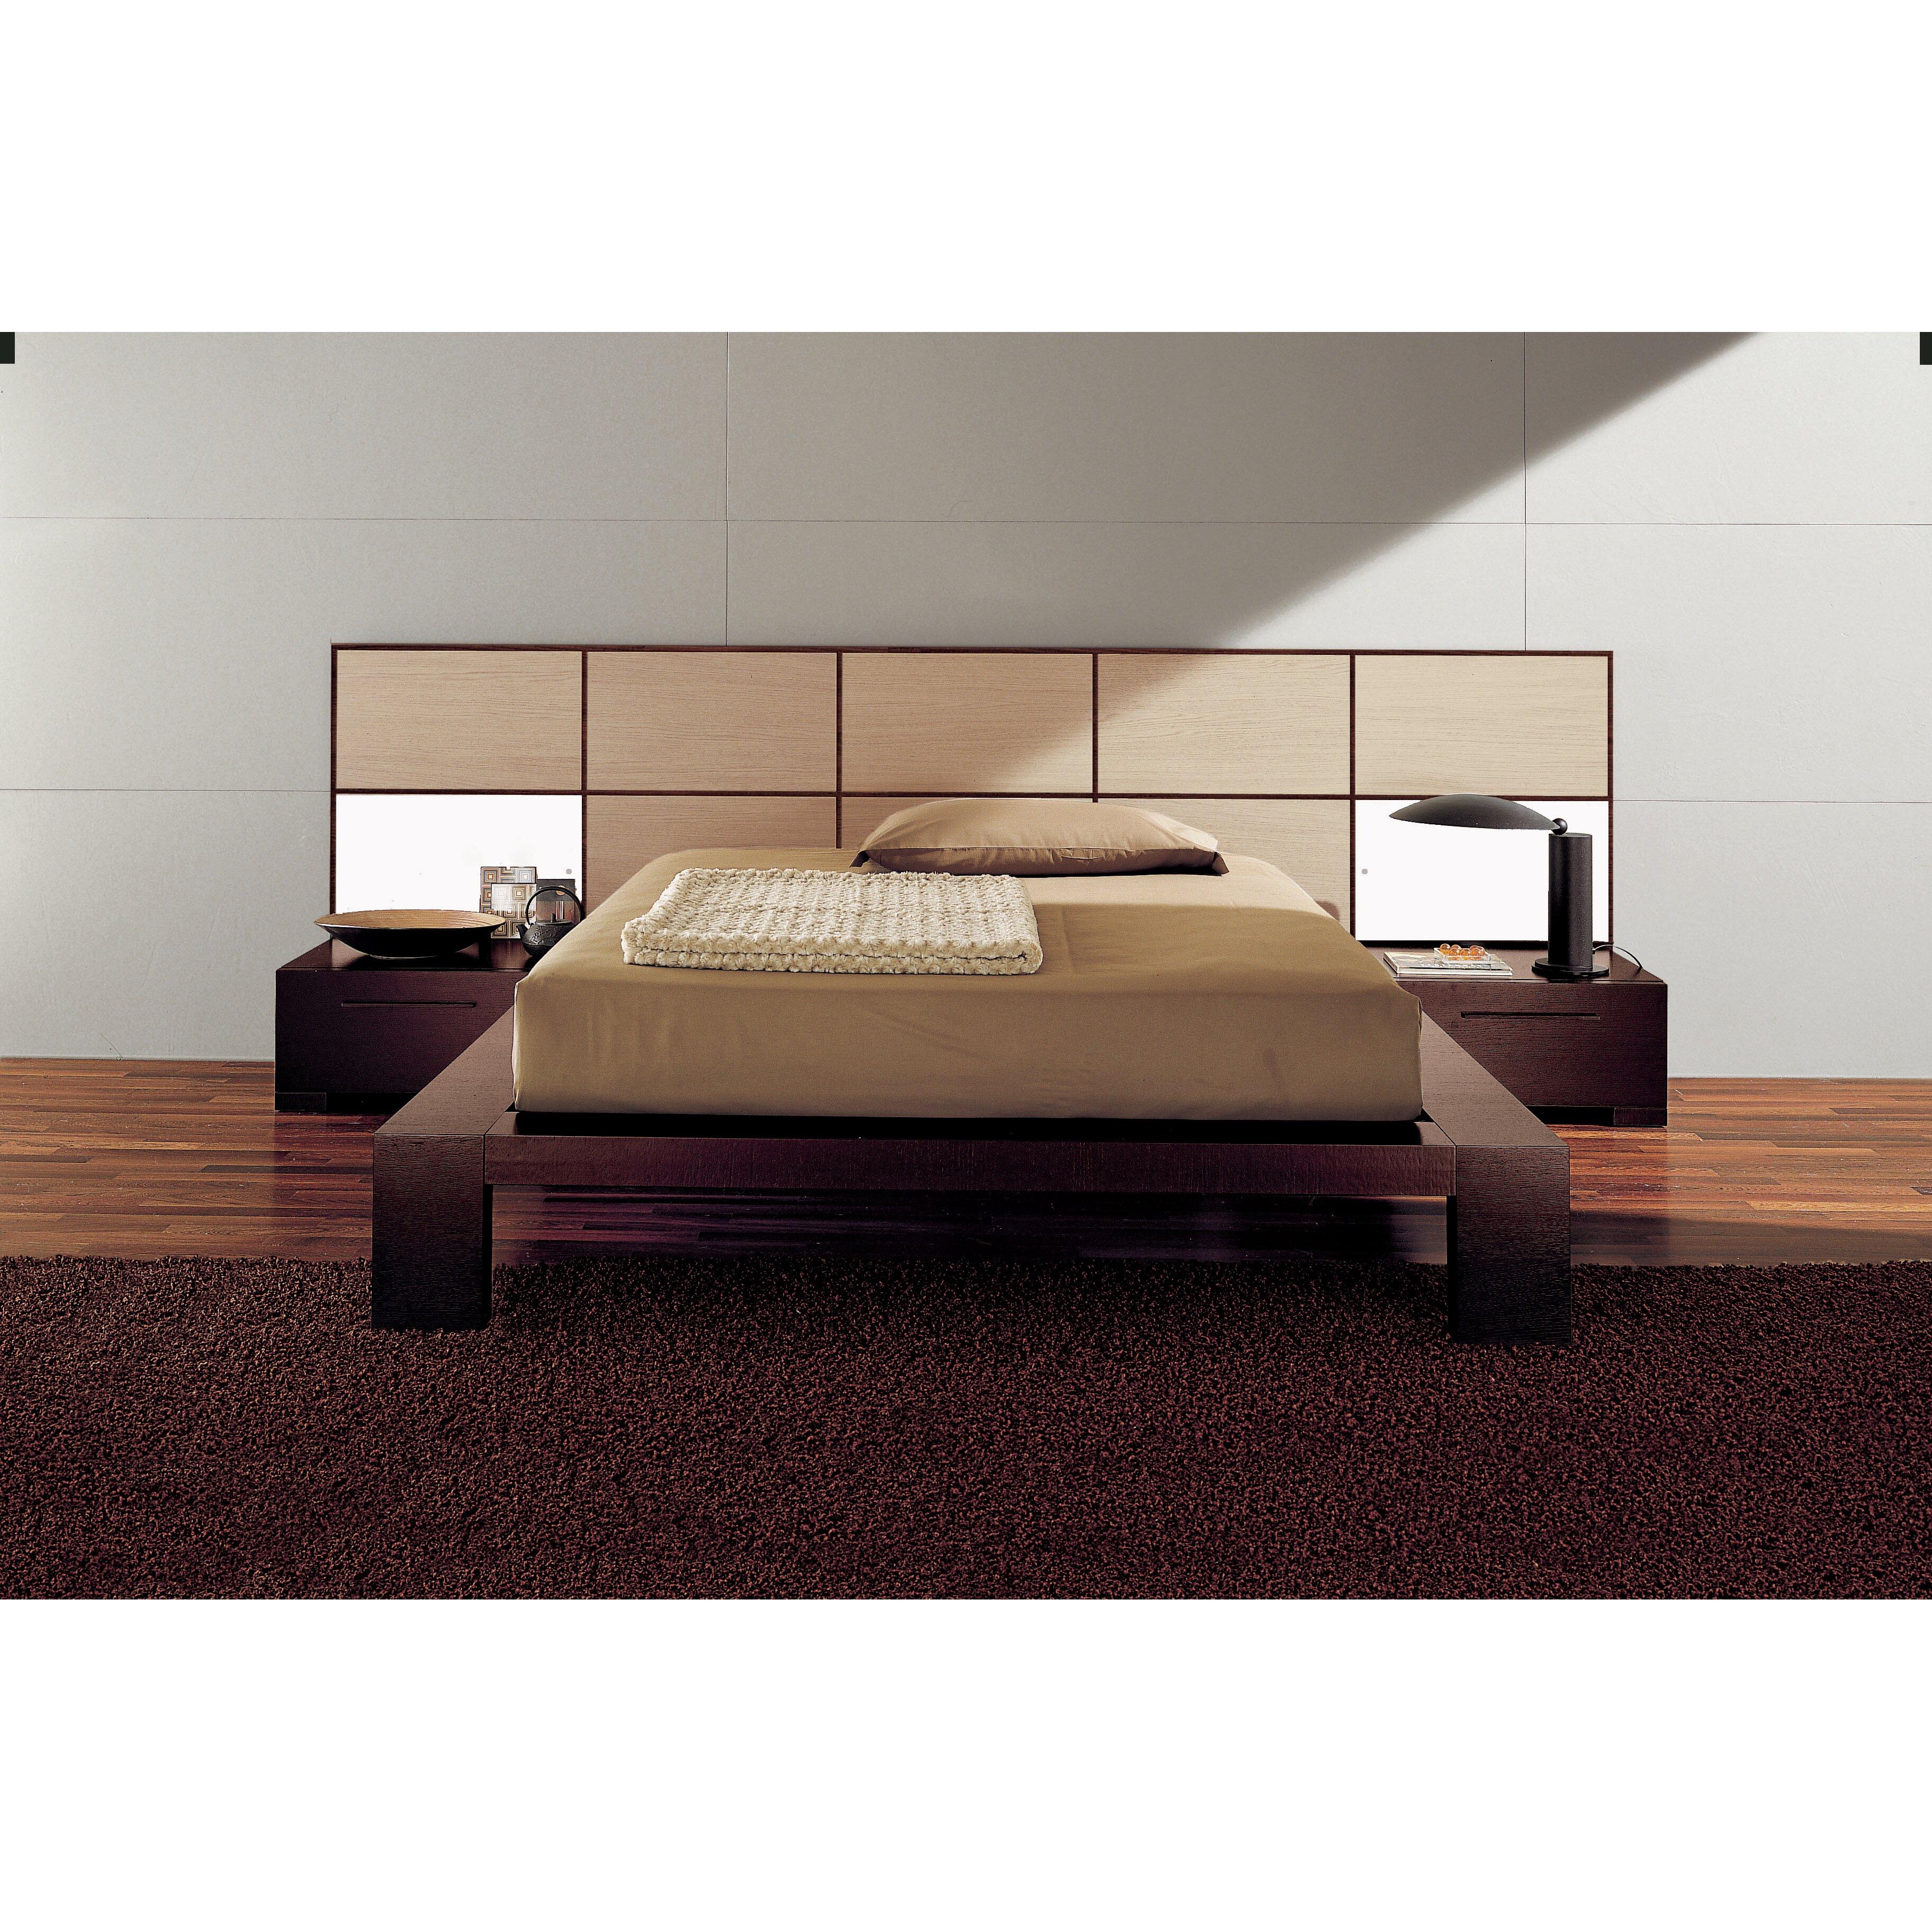 Queen Platform Bed Under 500 Ideas Home Design